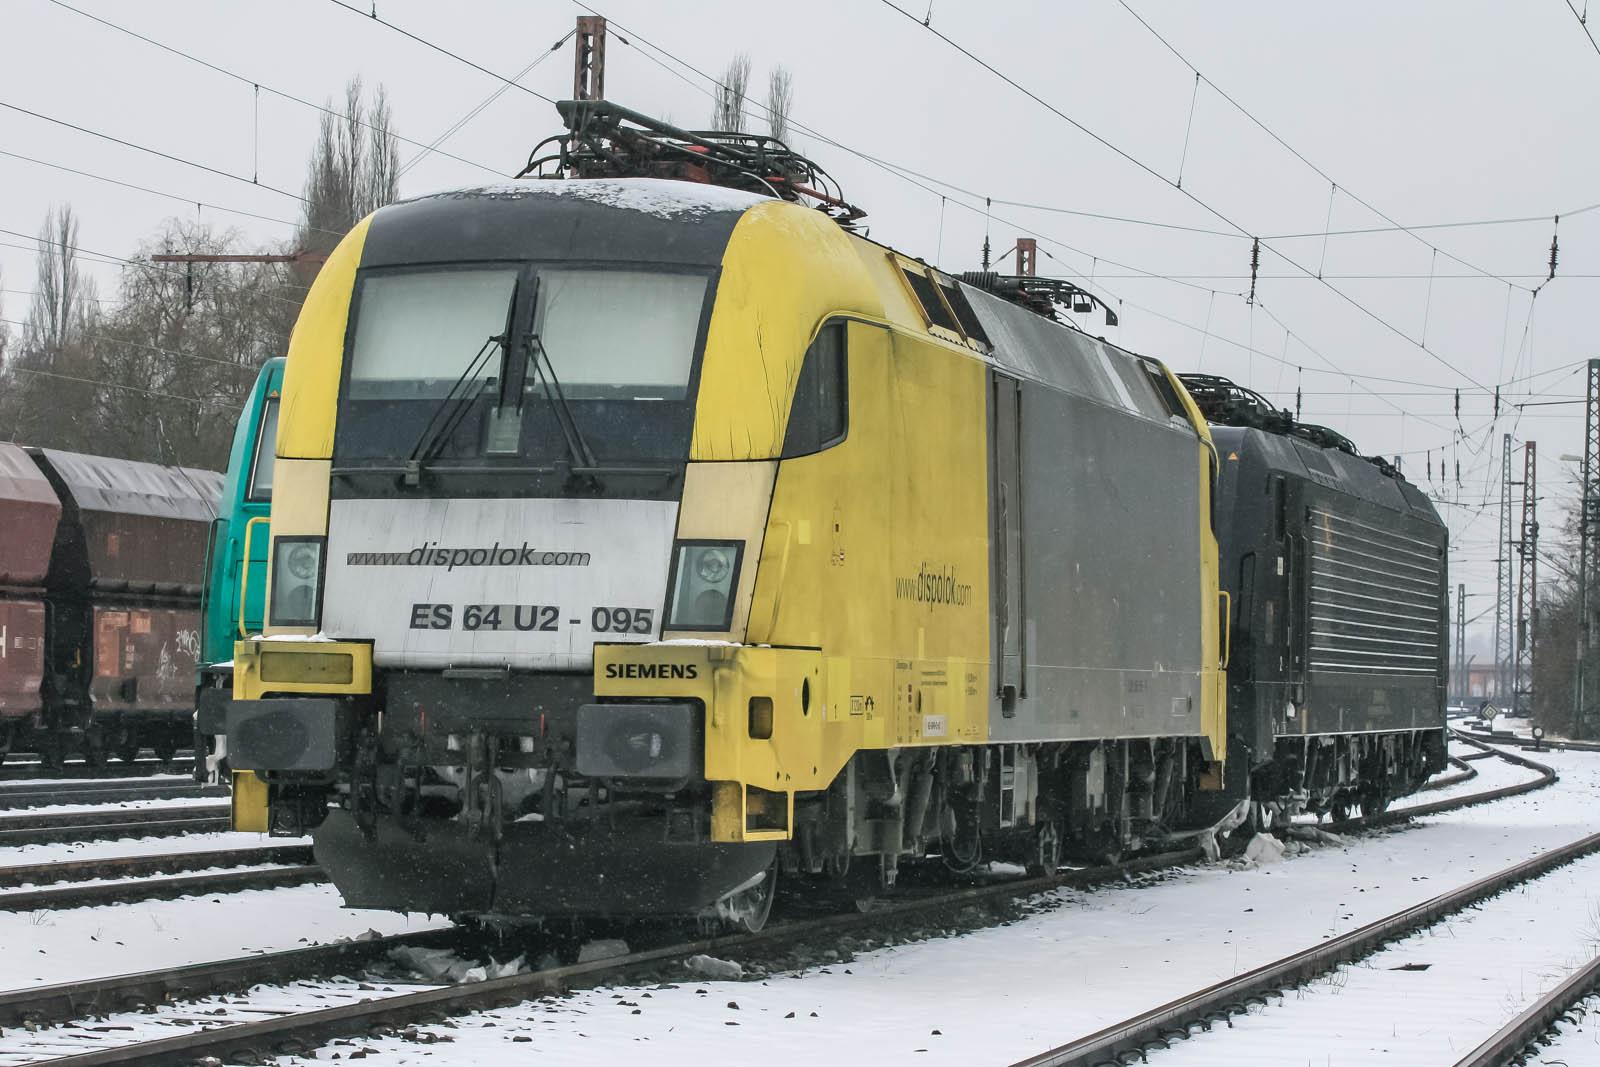 Dispolok ES 64 U2-095 in Wanne-Eickel auf Üwf